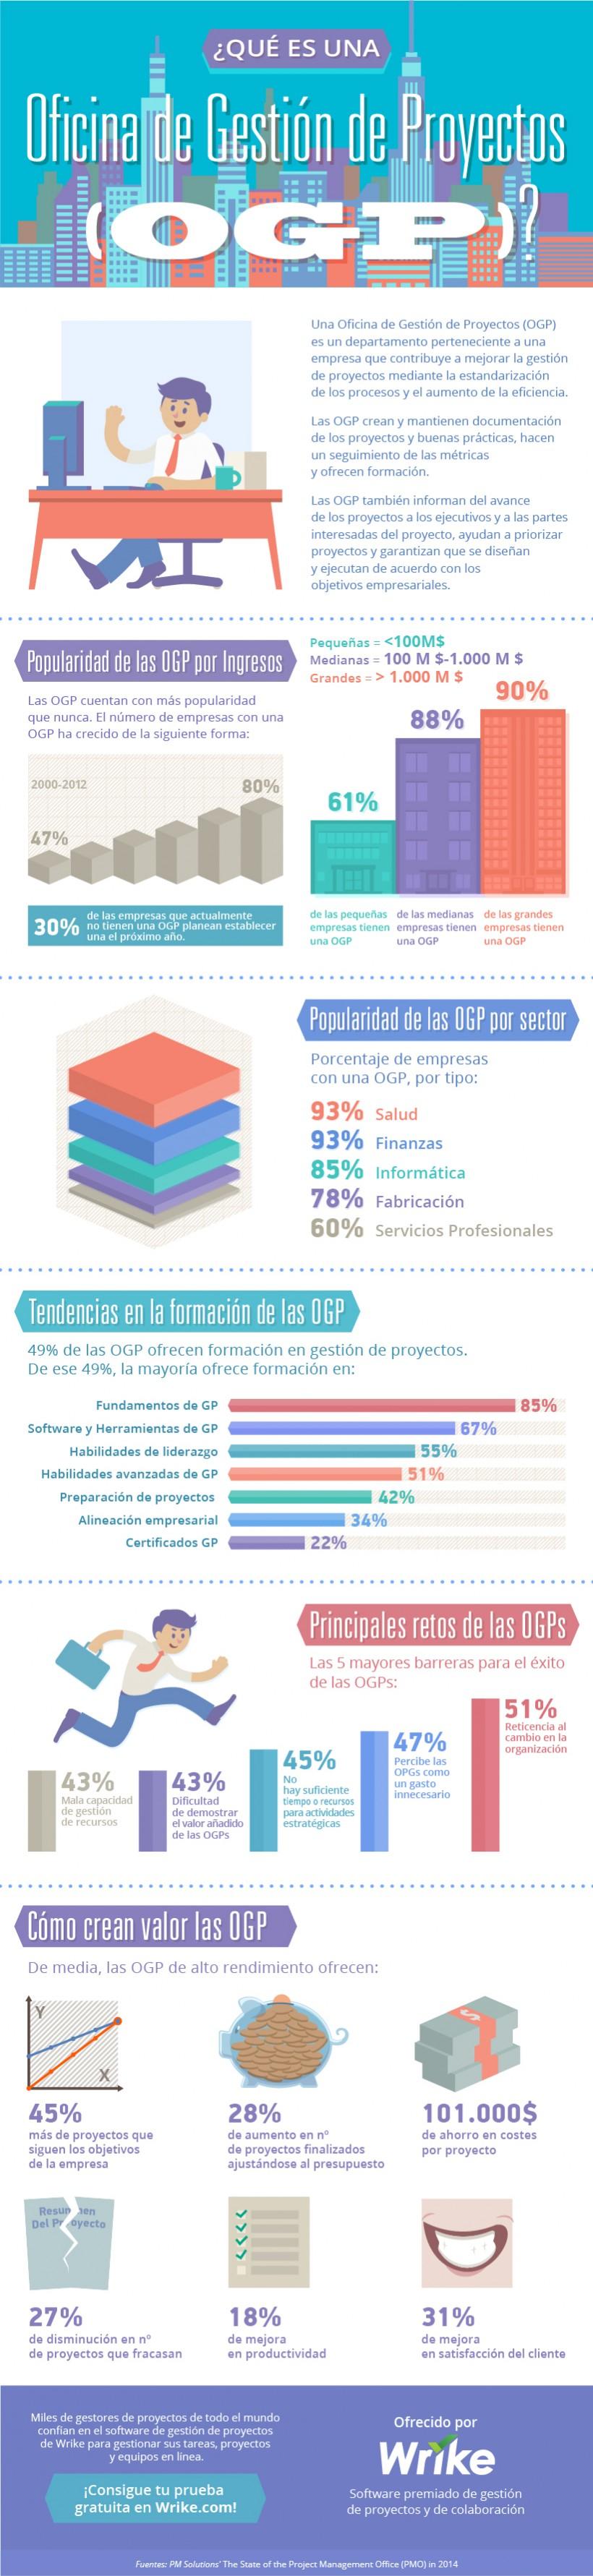 ¿Qué es una OGP? (#Infografía)